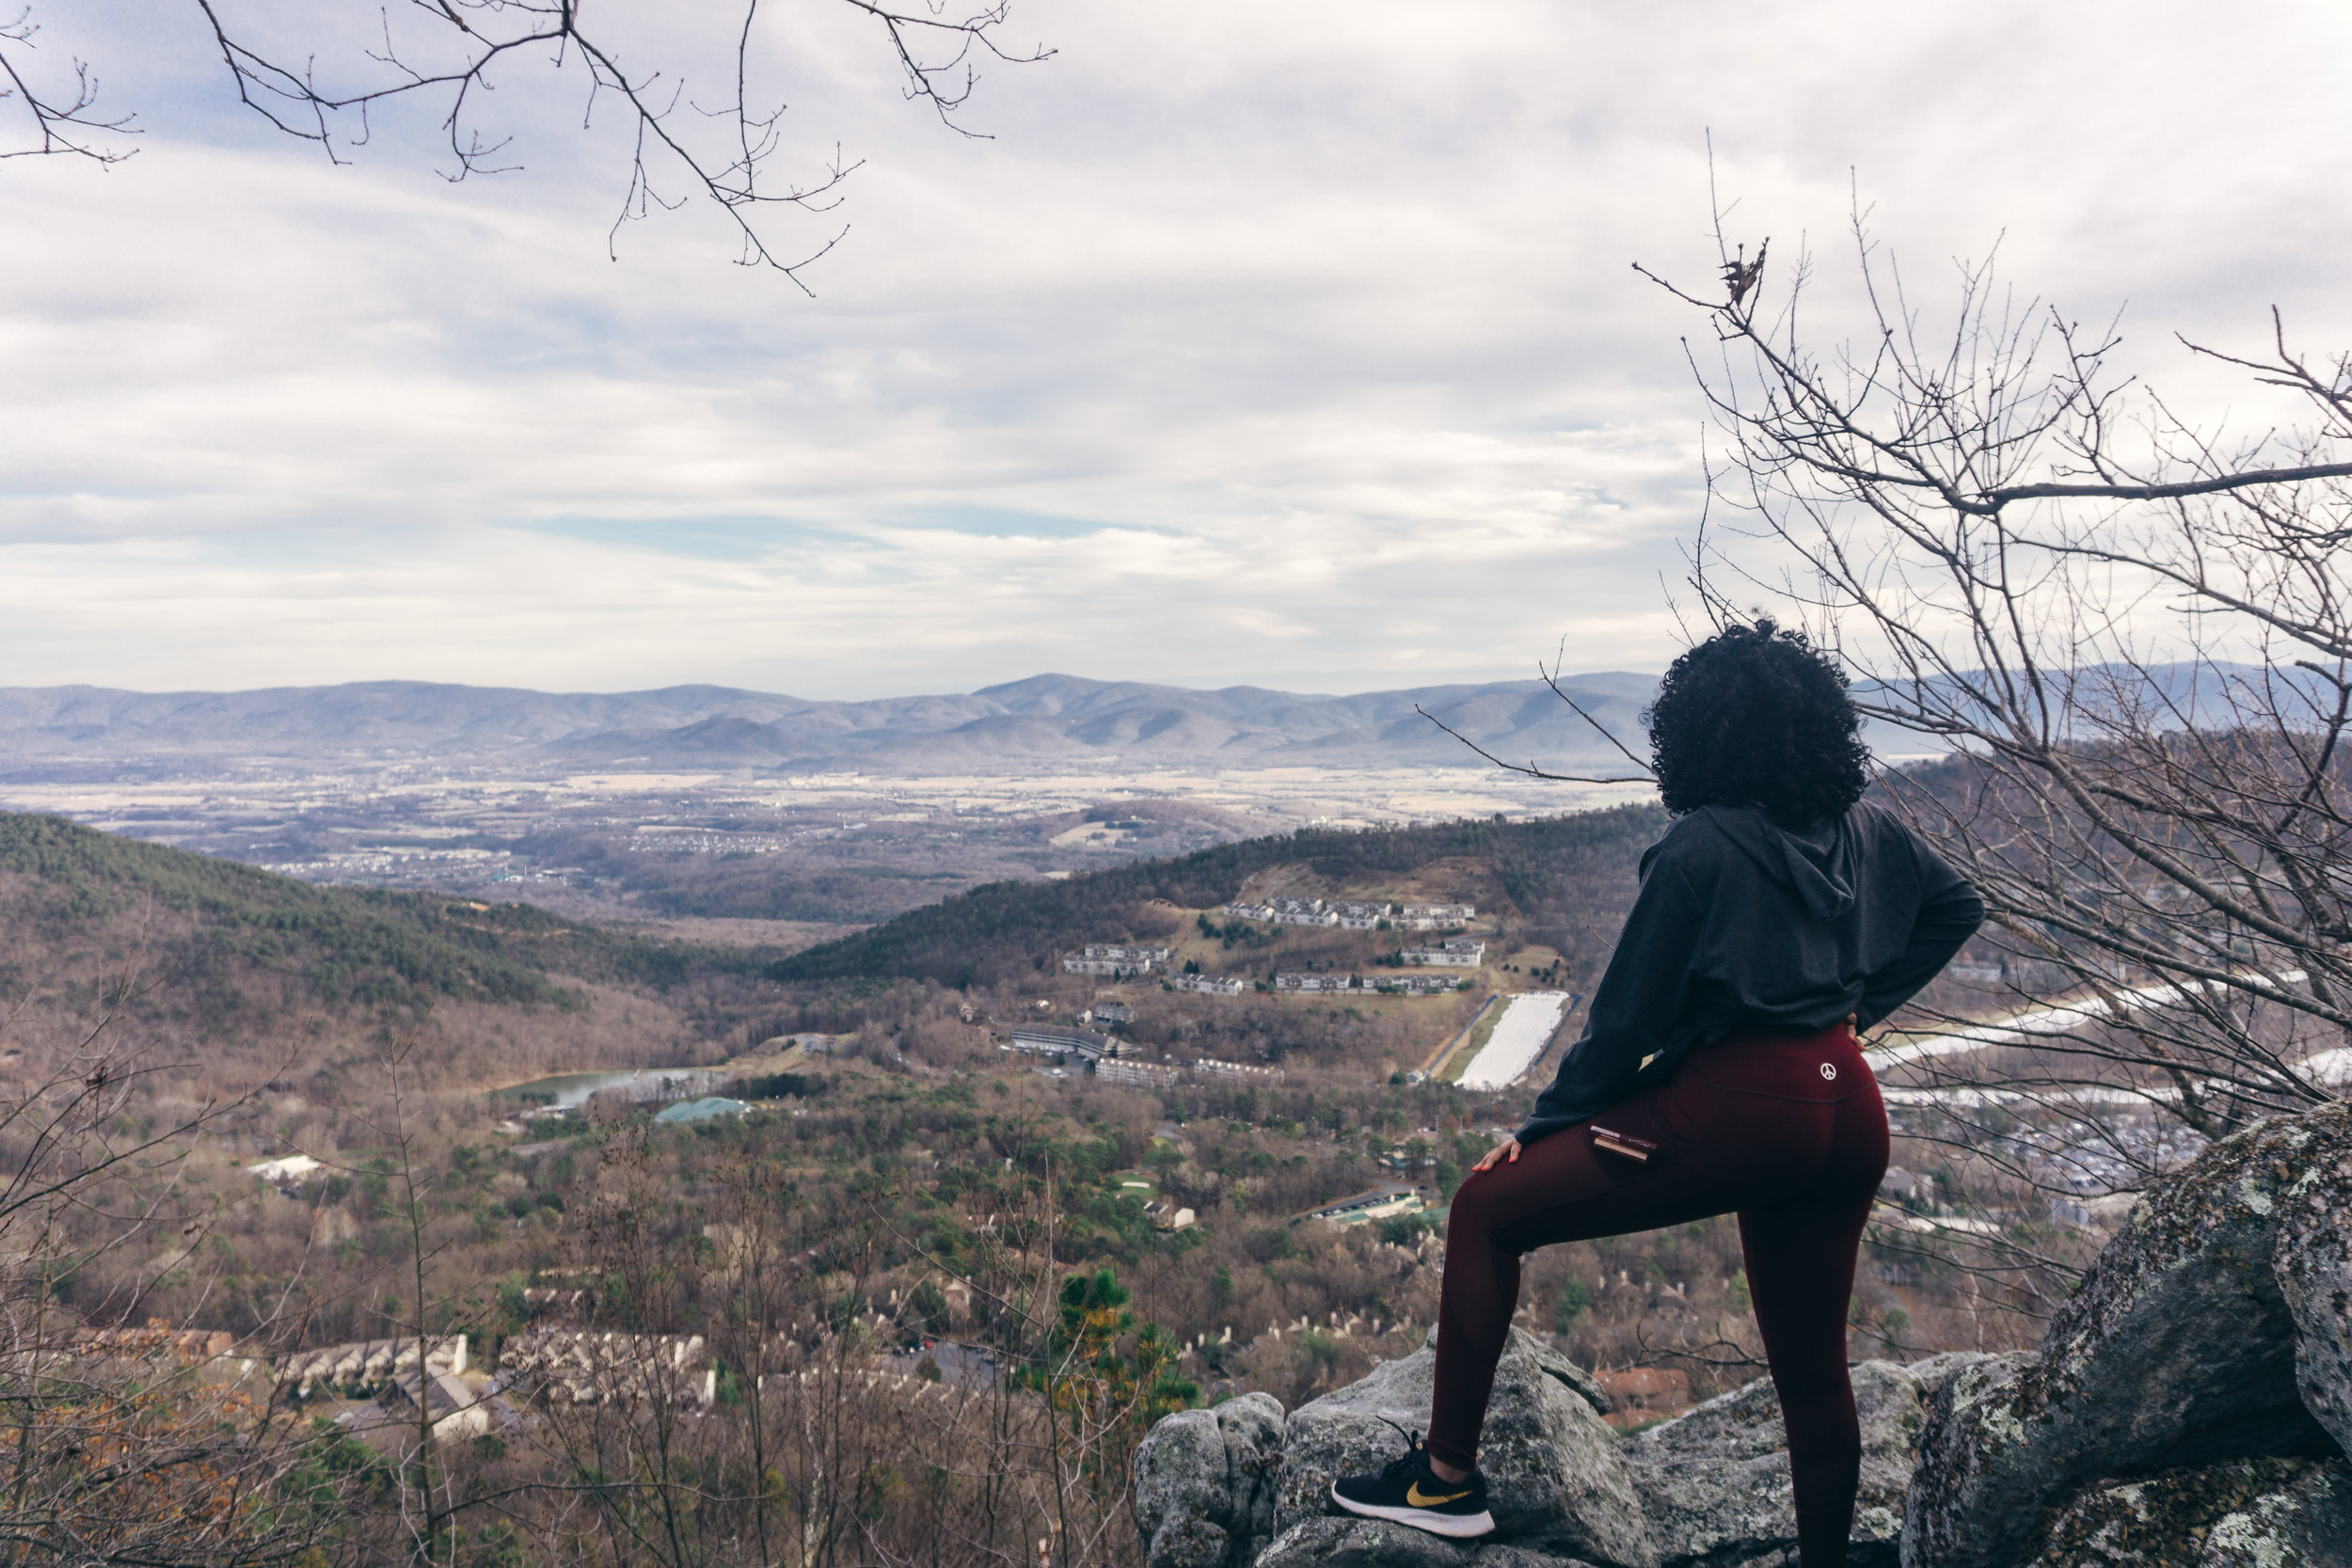 Virginia - Zungueira Mundial